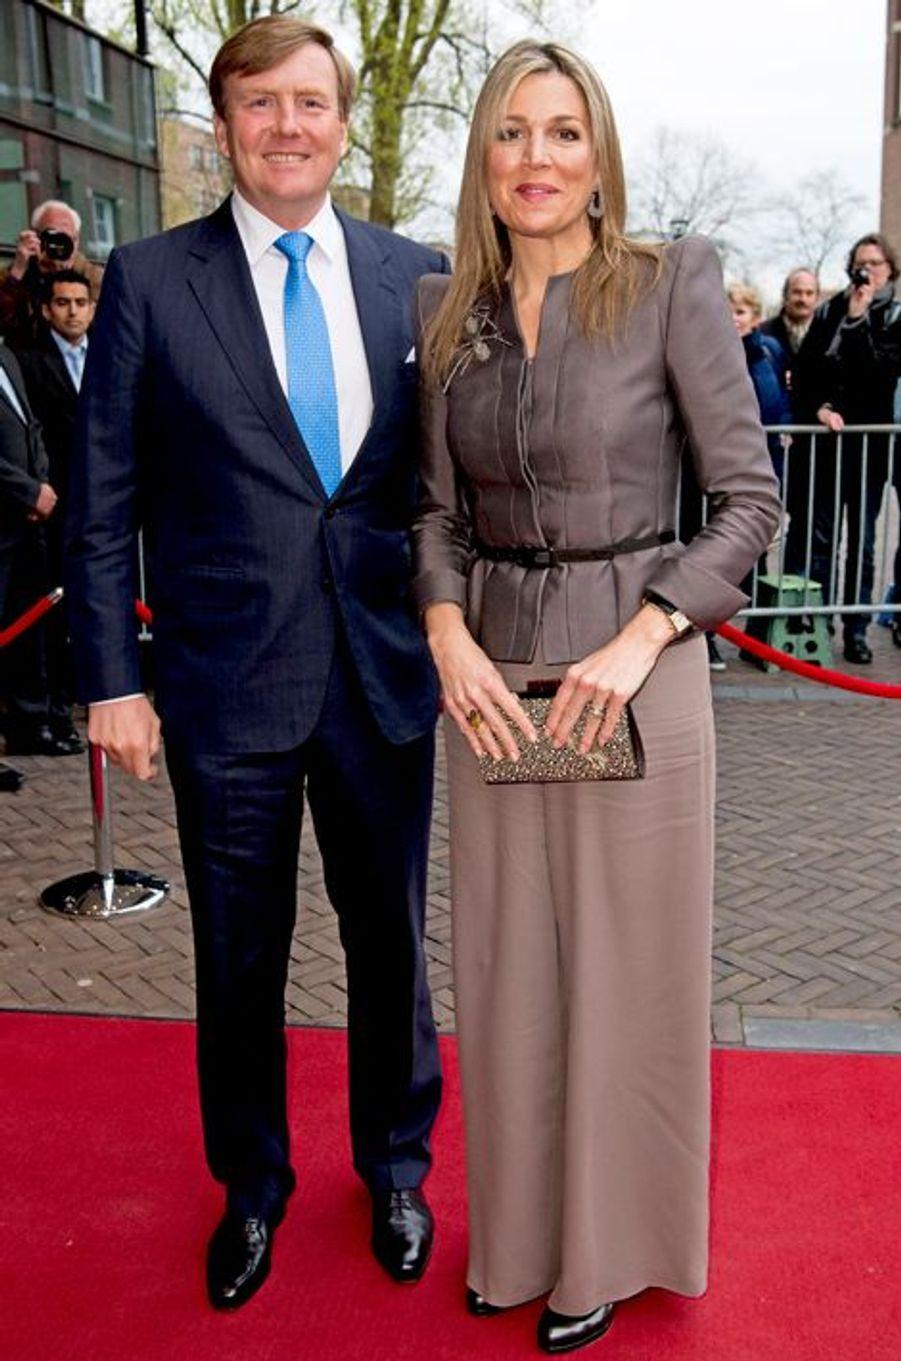 La reine Maxima et le roi Willem-Alexander des Pays-Bas à Zwolle, le 18 avril 2016